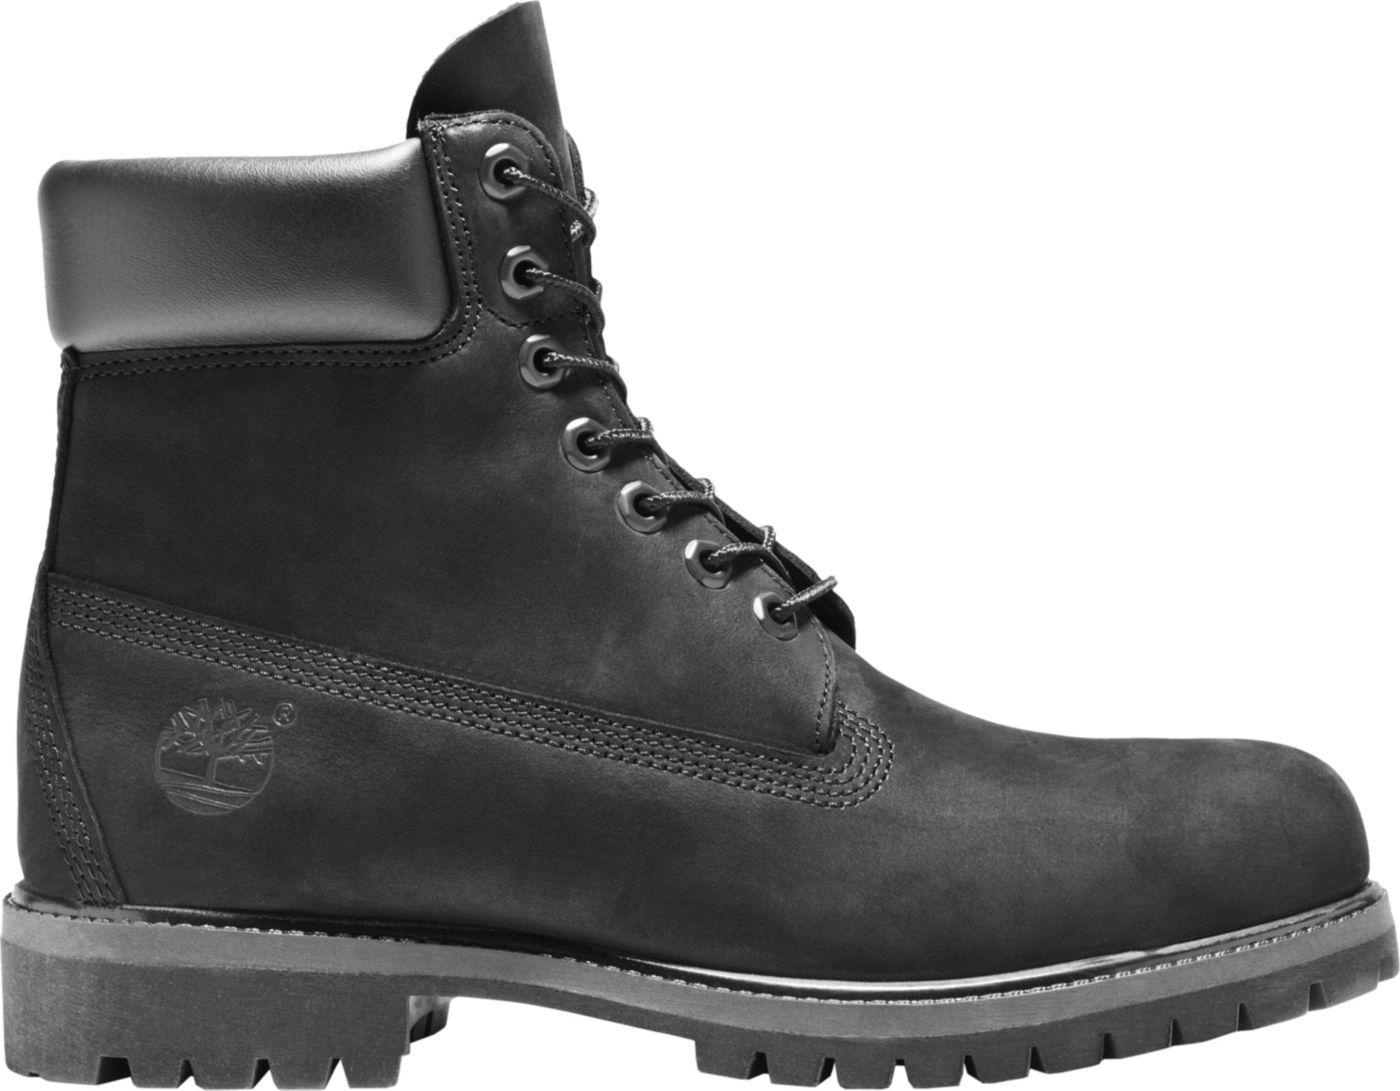 Timberland Men's 6'' Premium Waterproof Boots